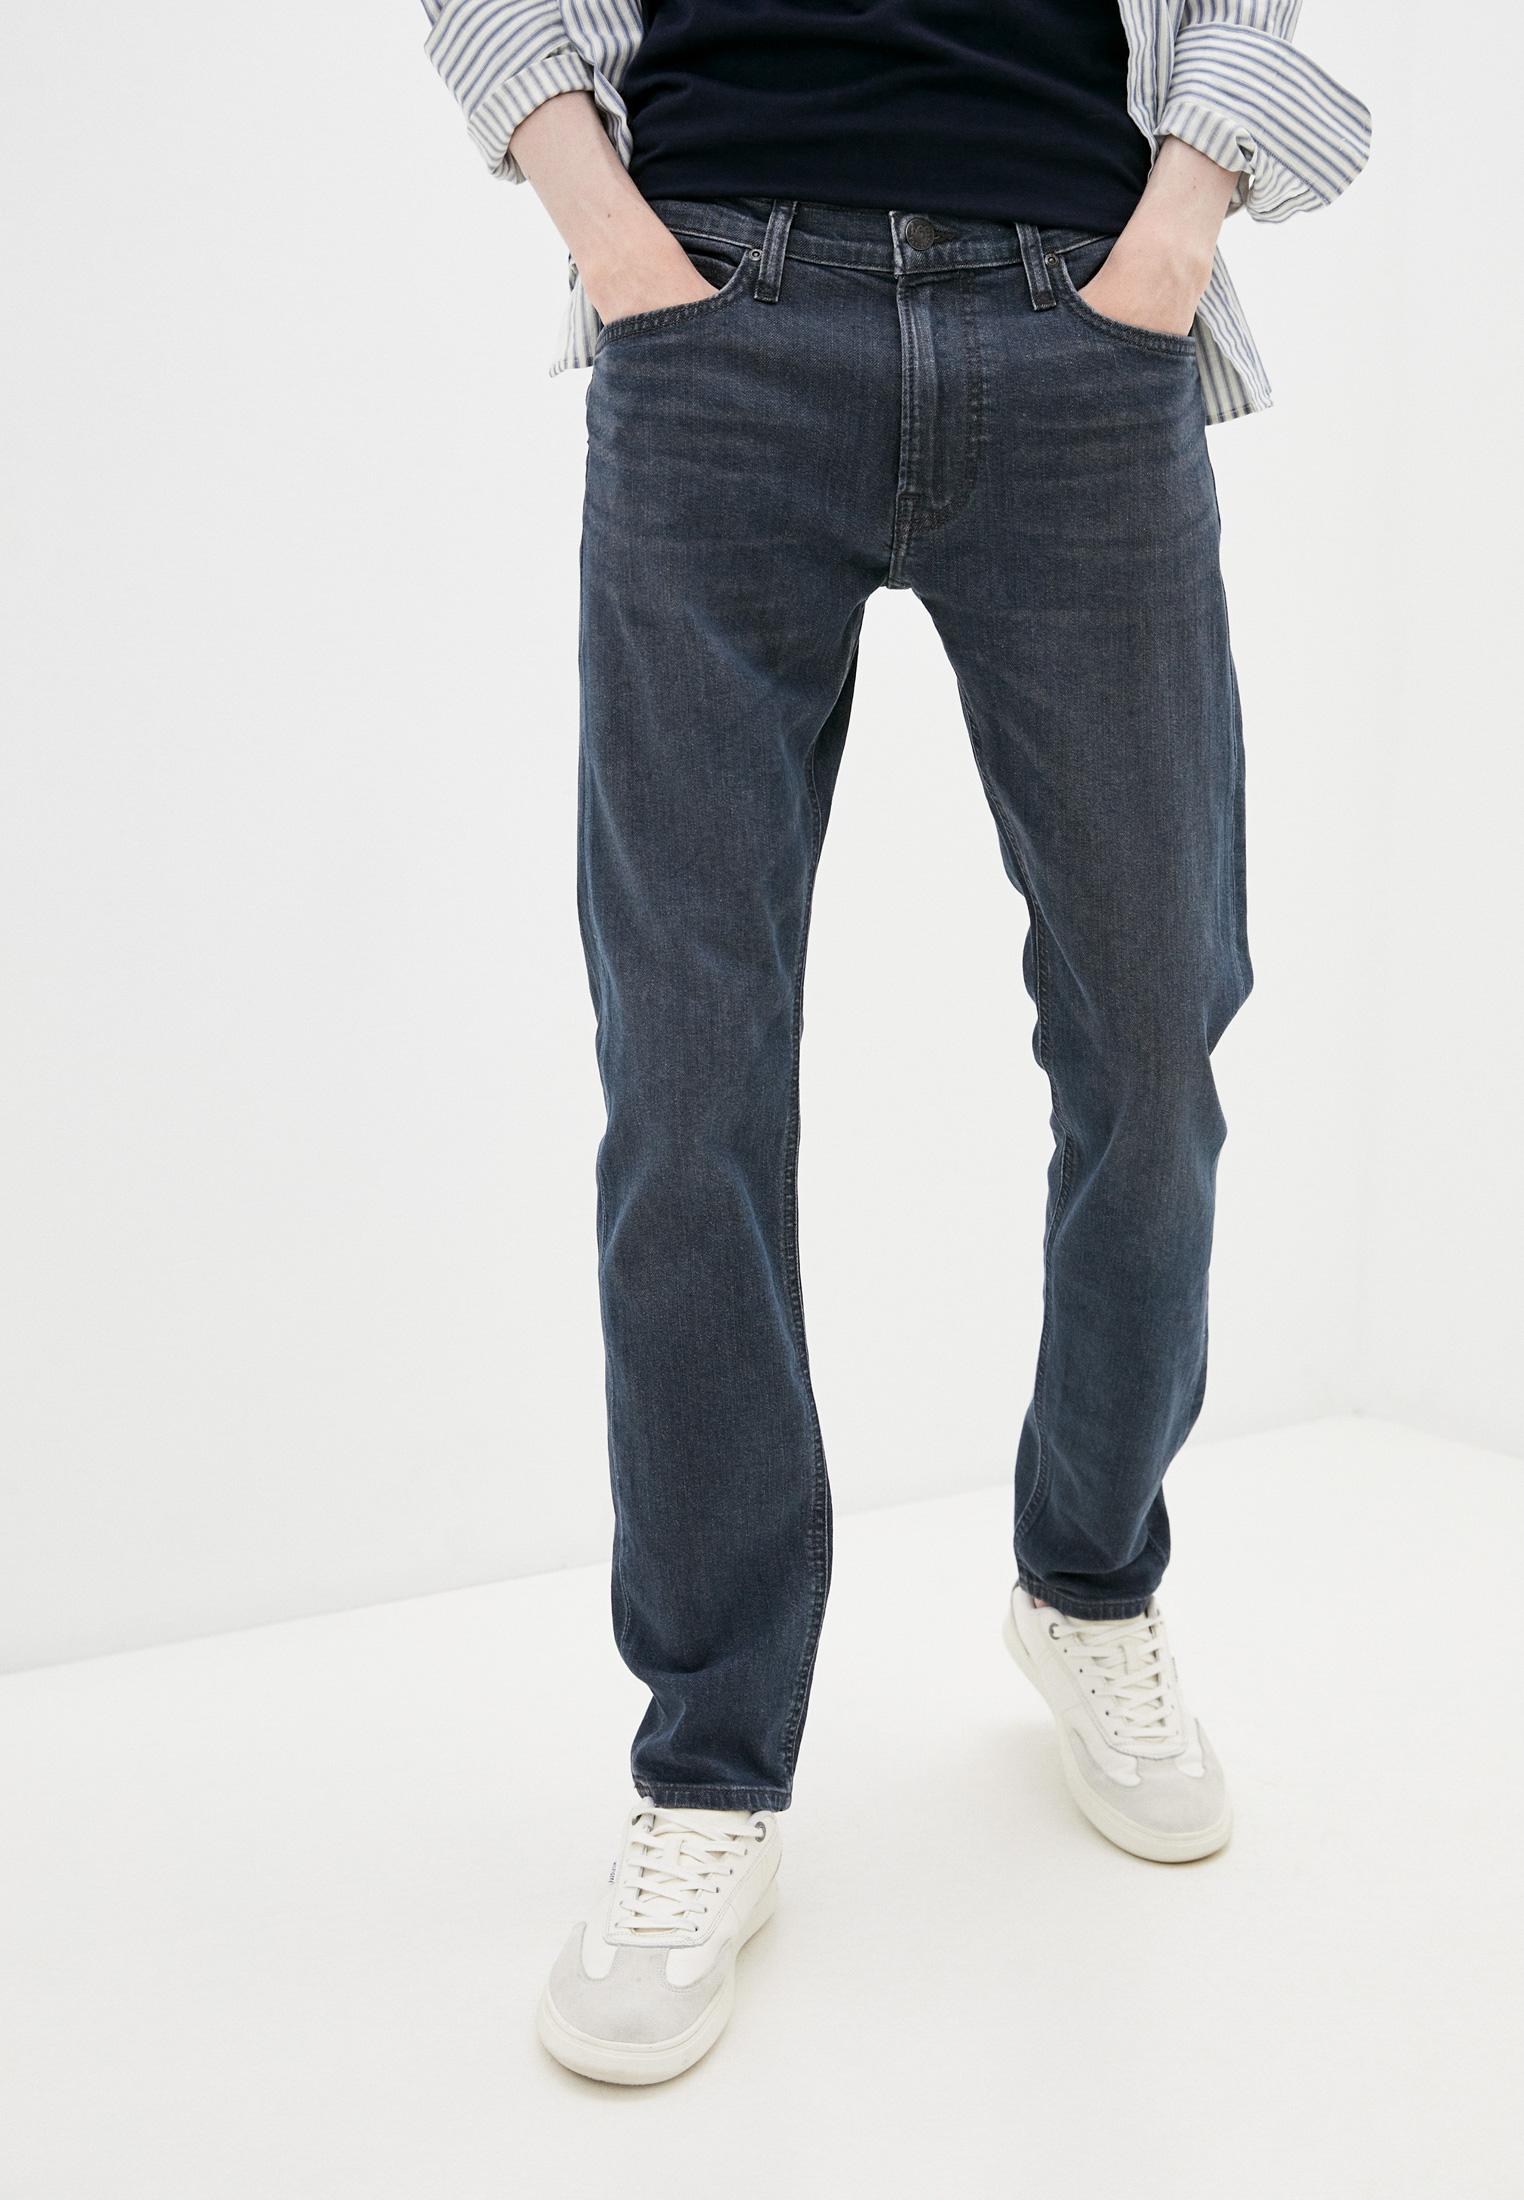 Мужские прямые джинсы Lee (Ли) Джинсы Lee